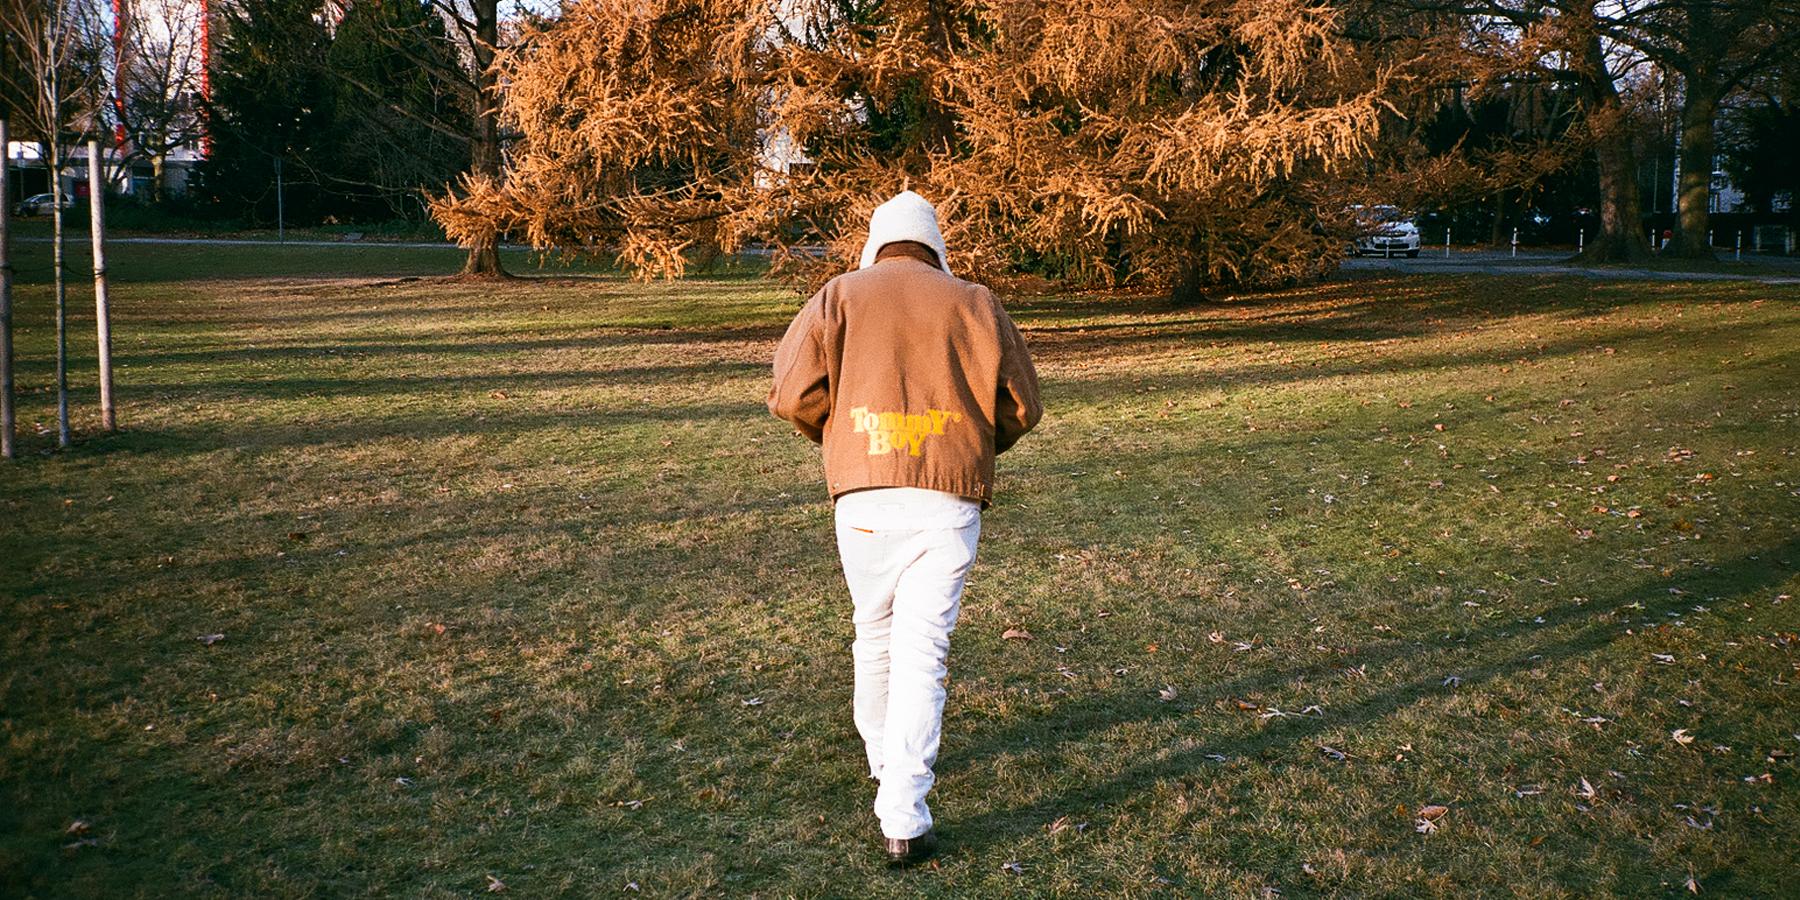 BEINGHUNTED. Carhartt WIP The Essence of Progress - Tommy Boy Jacket Fetisch Terranova